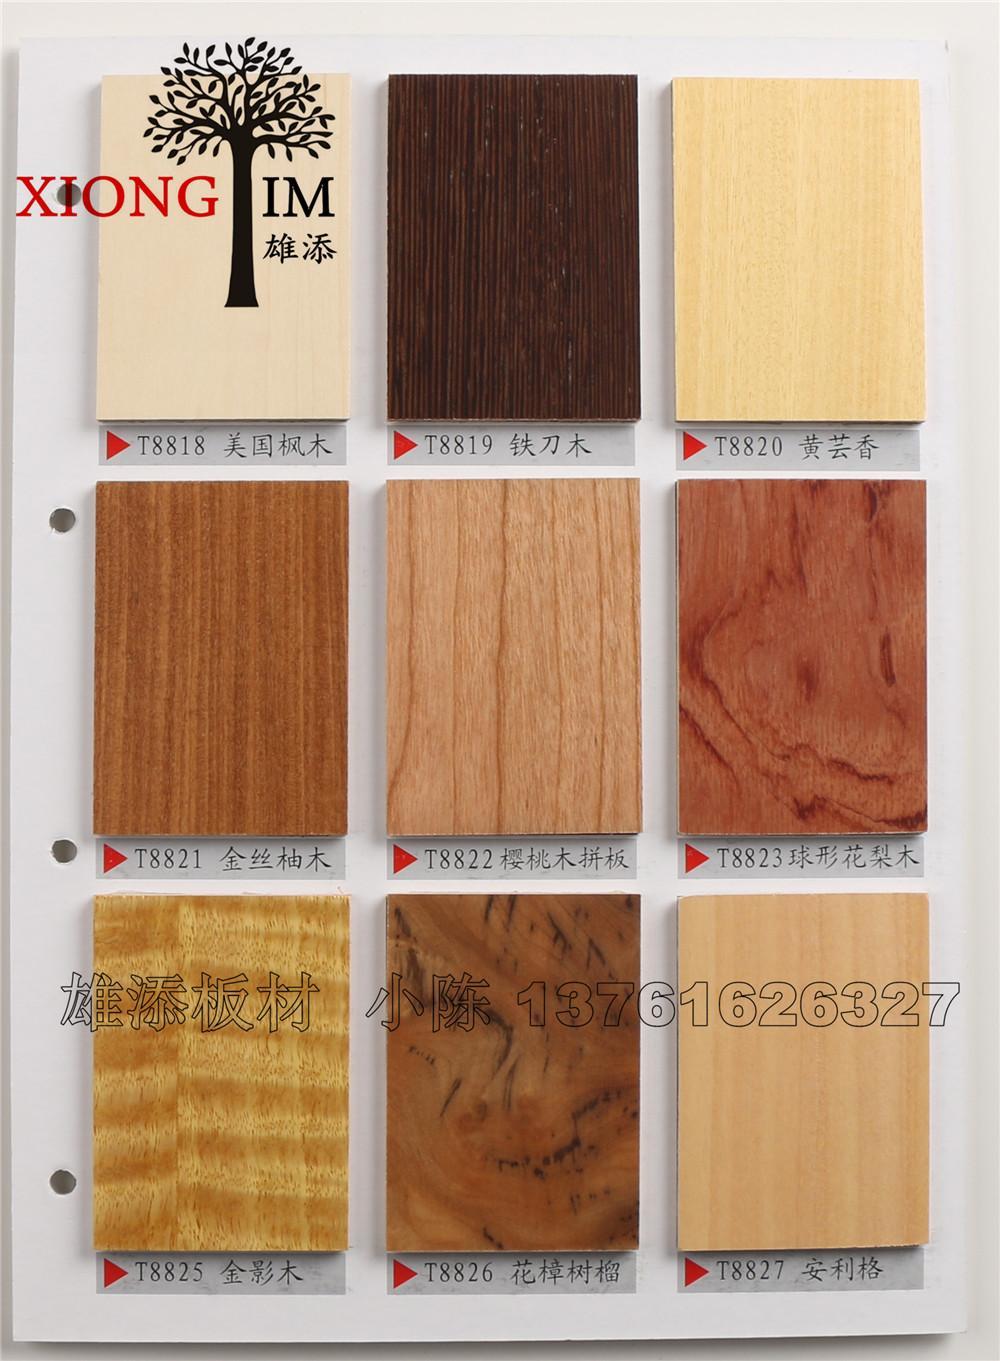 板材 装饰板 > 雄添 柚木 黑橡木 斑马木 酸枝 橡木 黑檀木 枫木 香彩